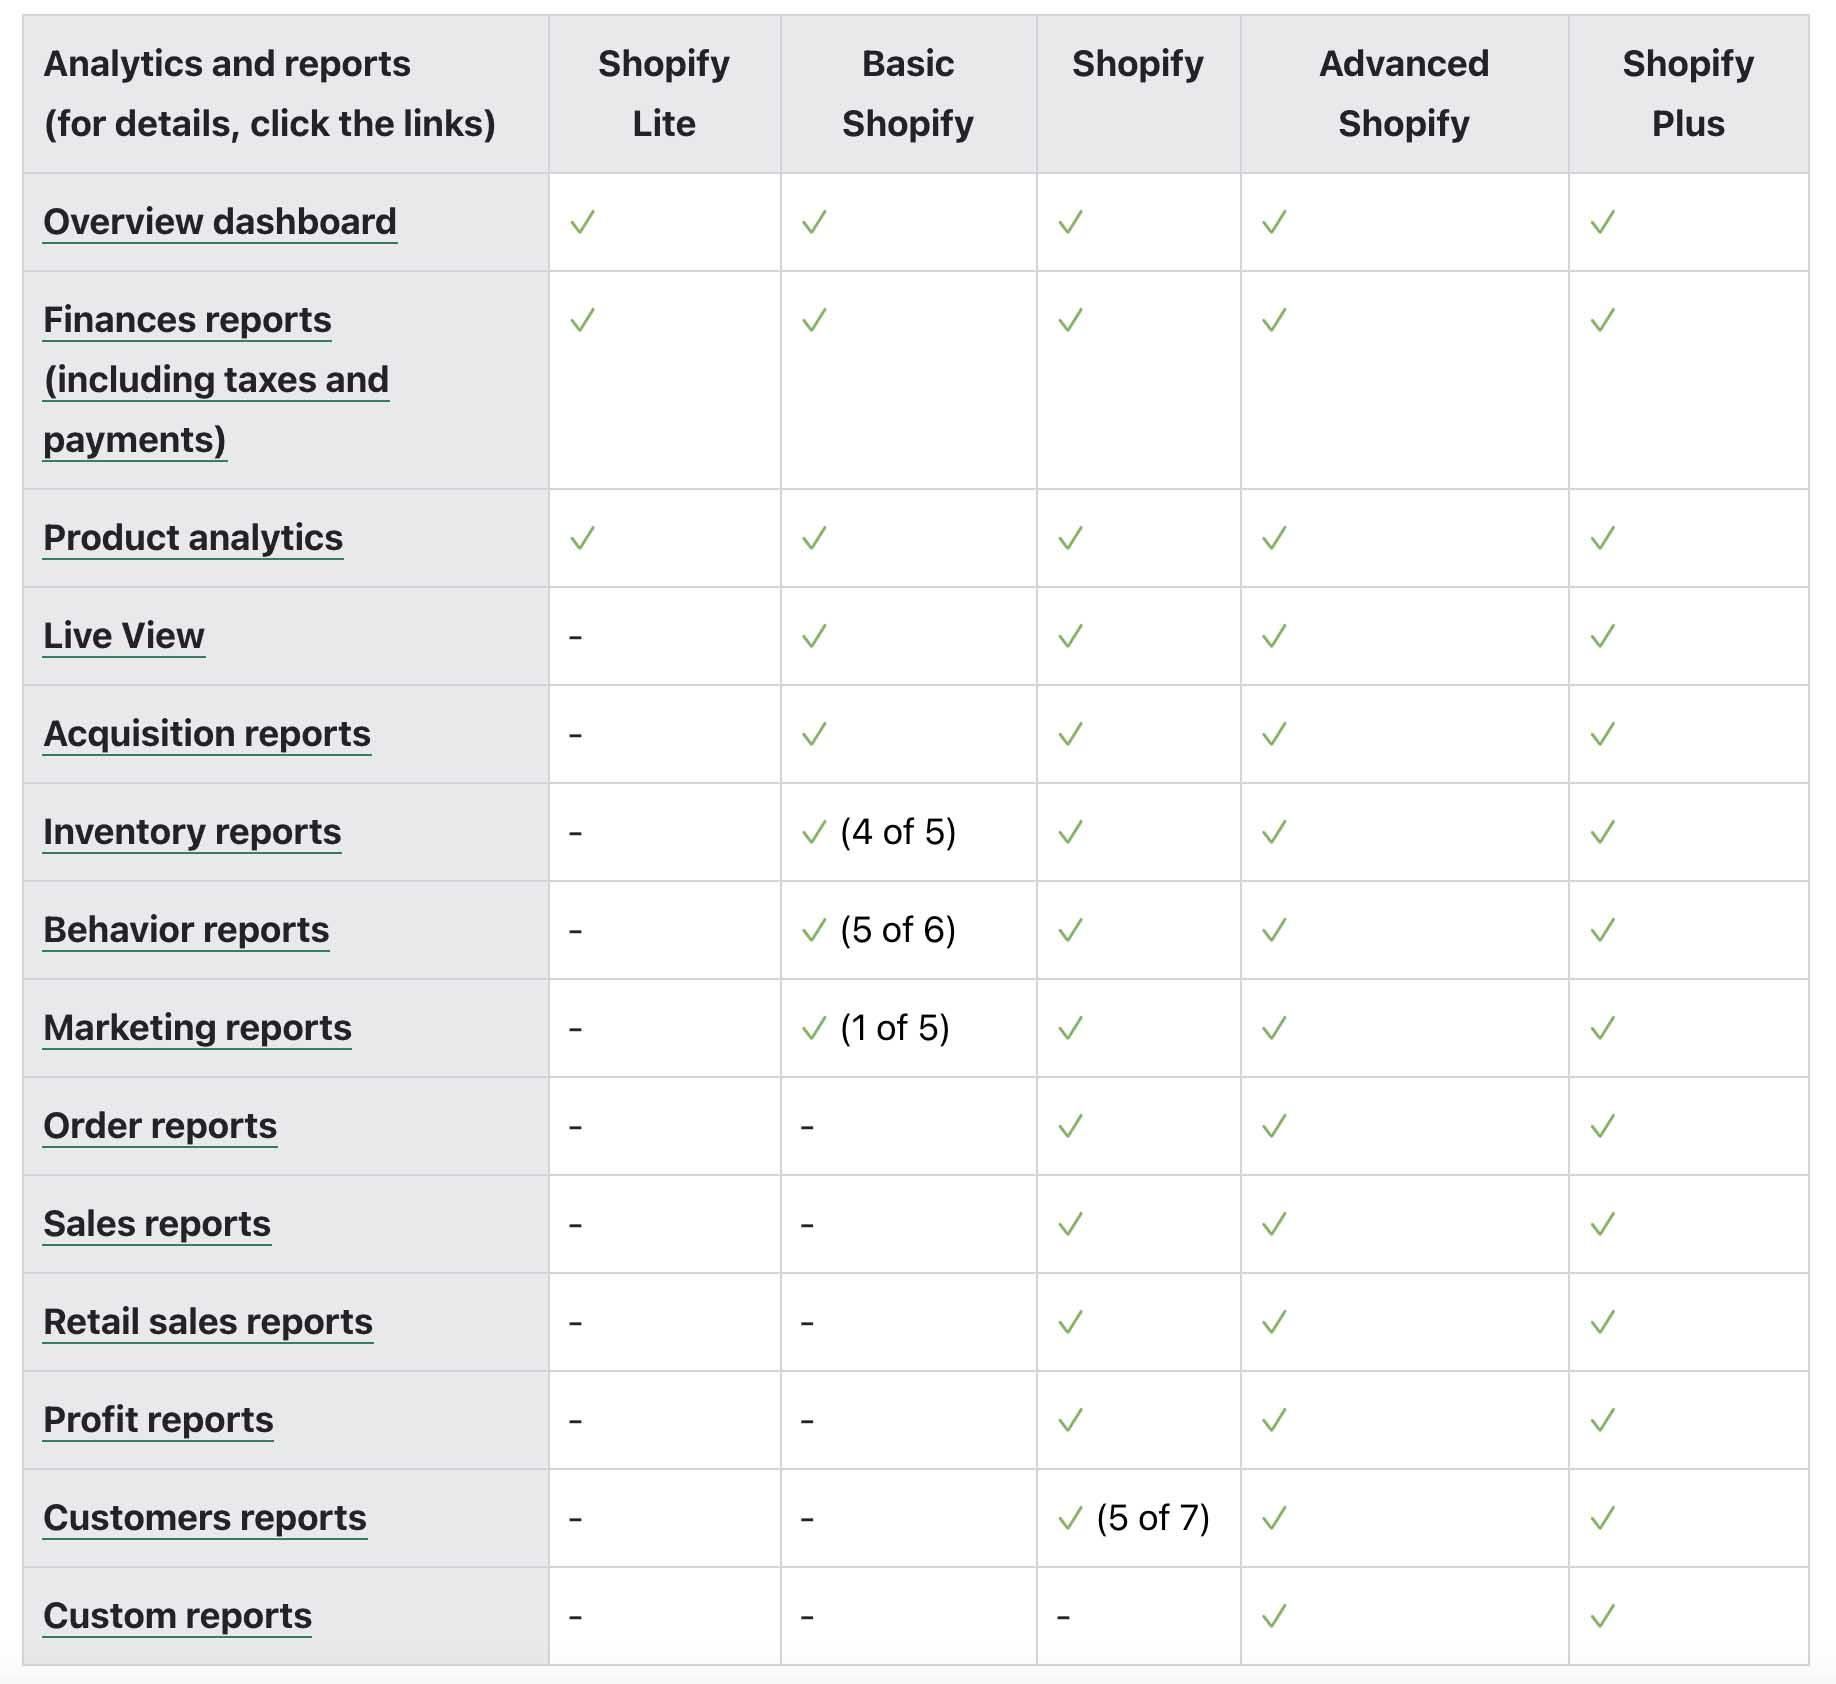 analytics shopify